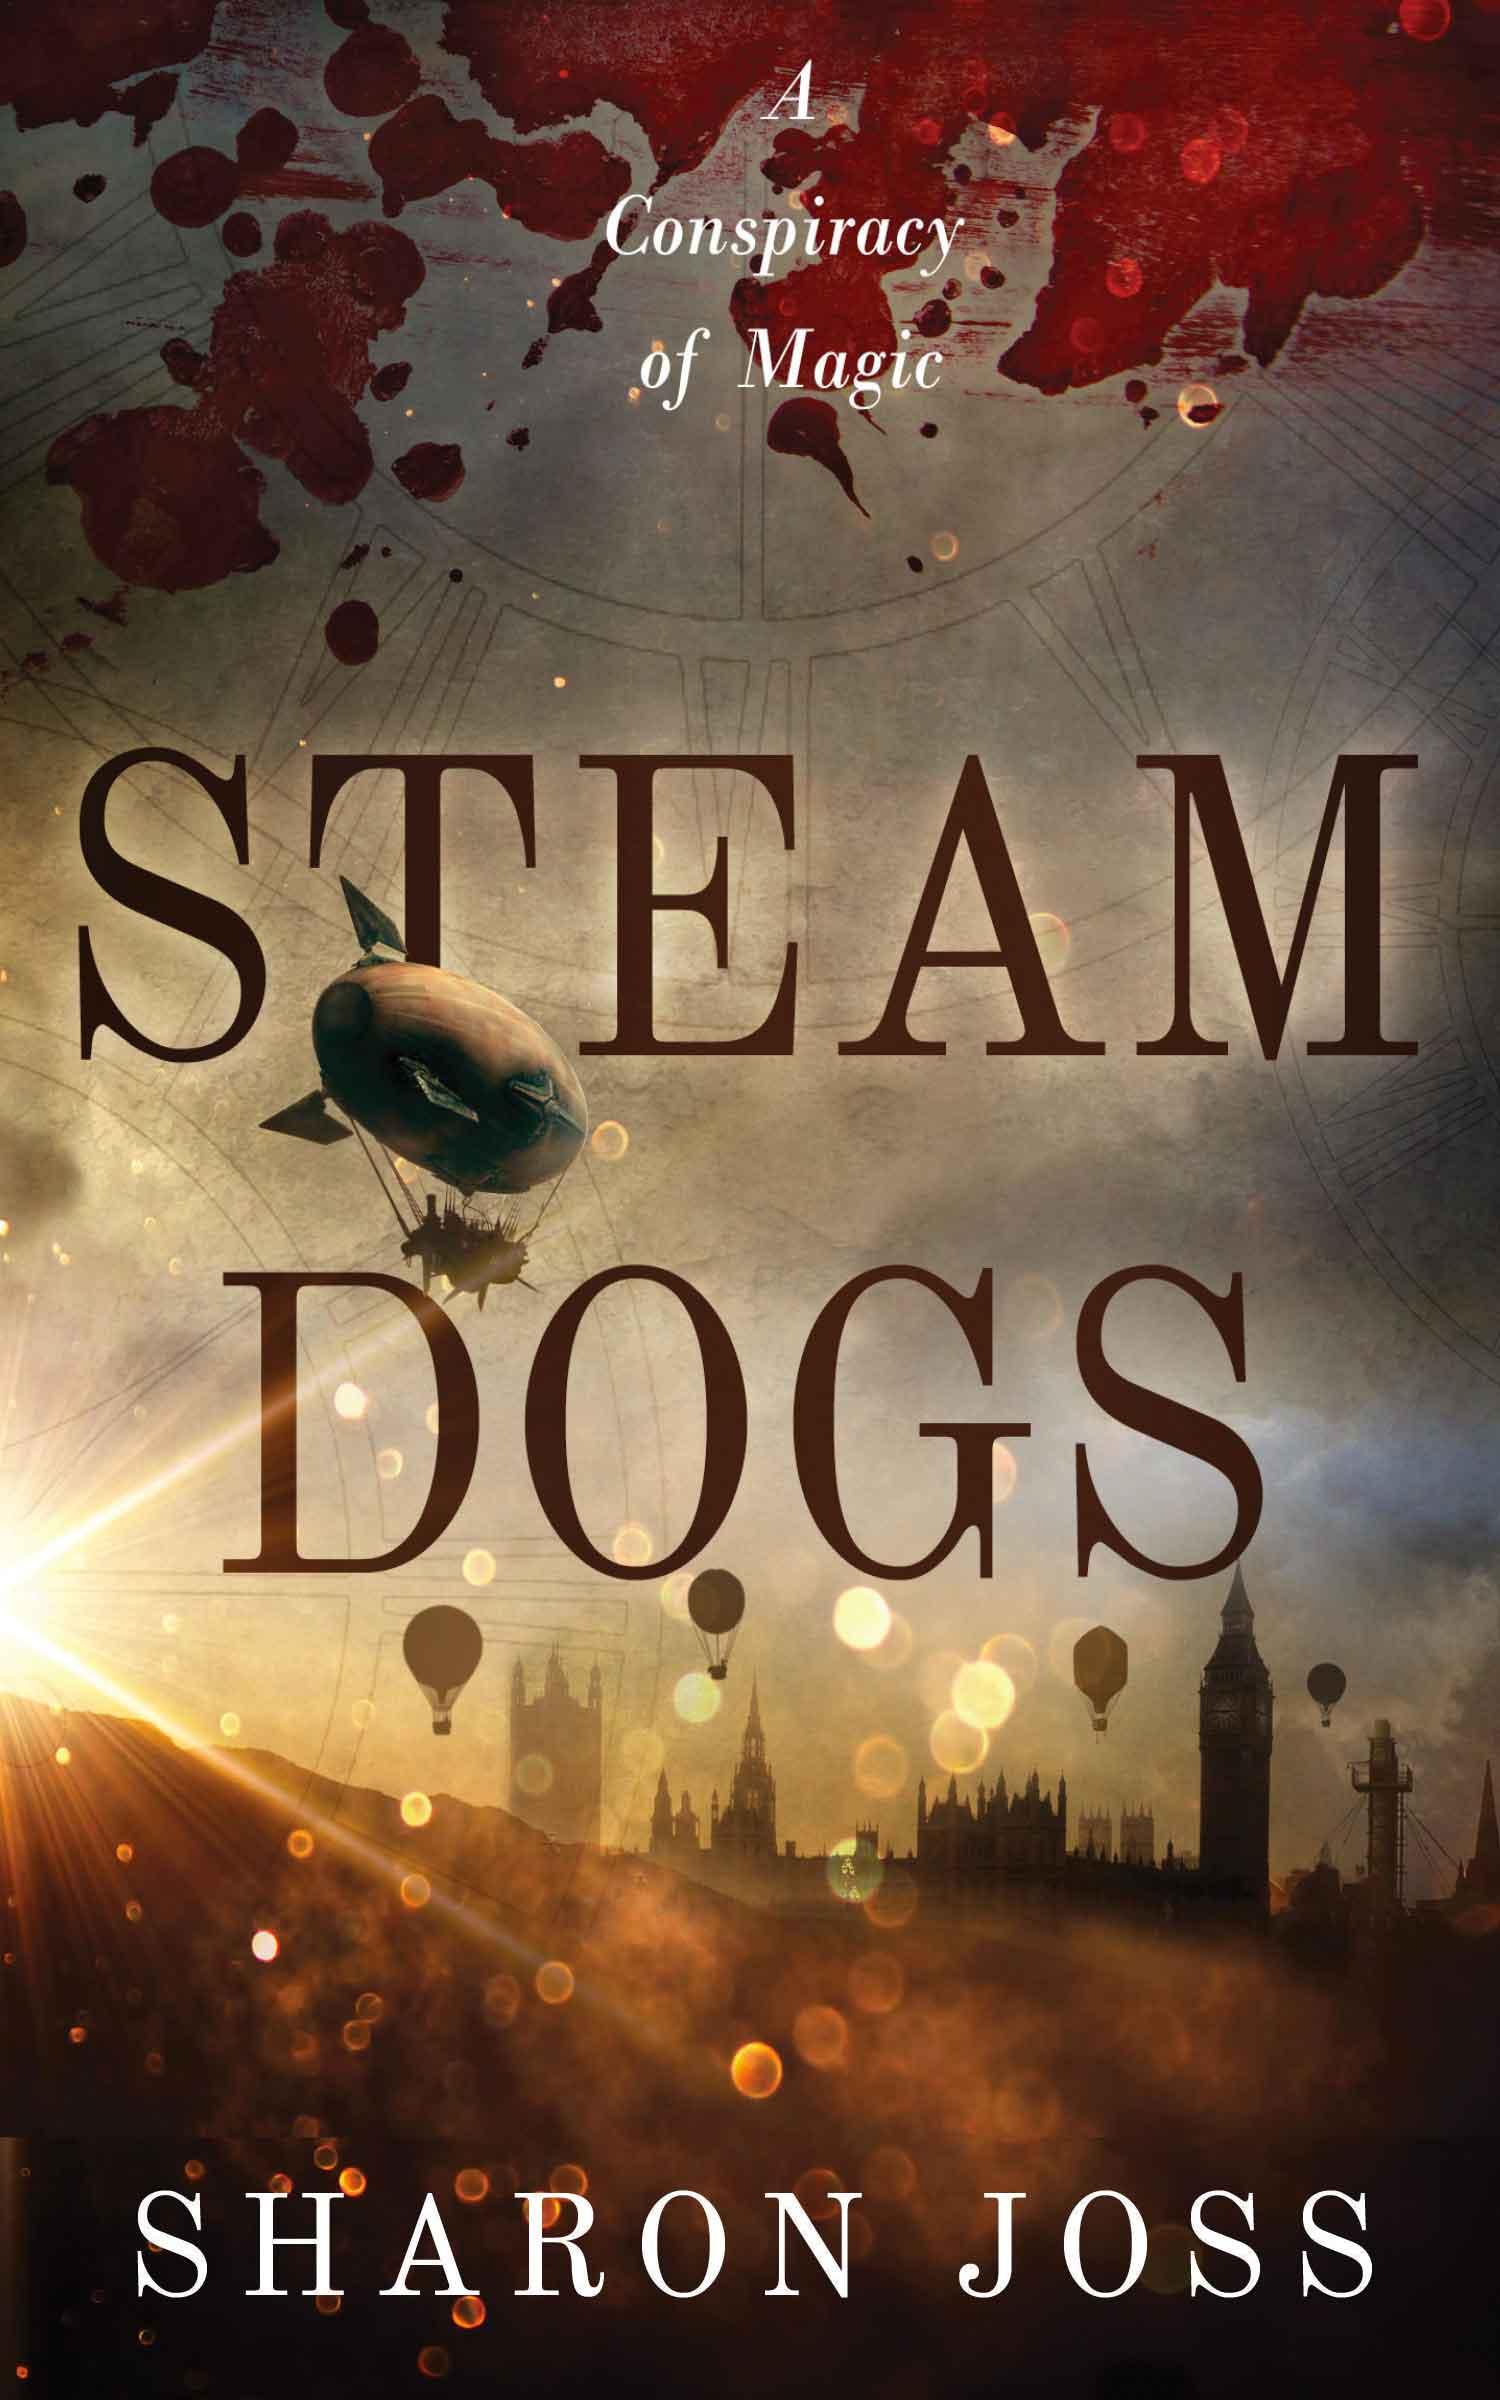 000-steam-dogslessblores